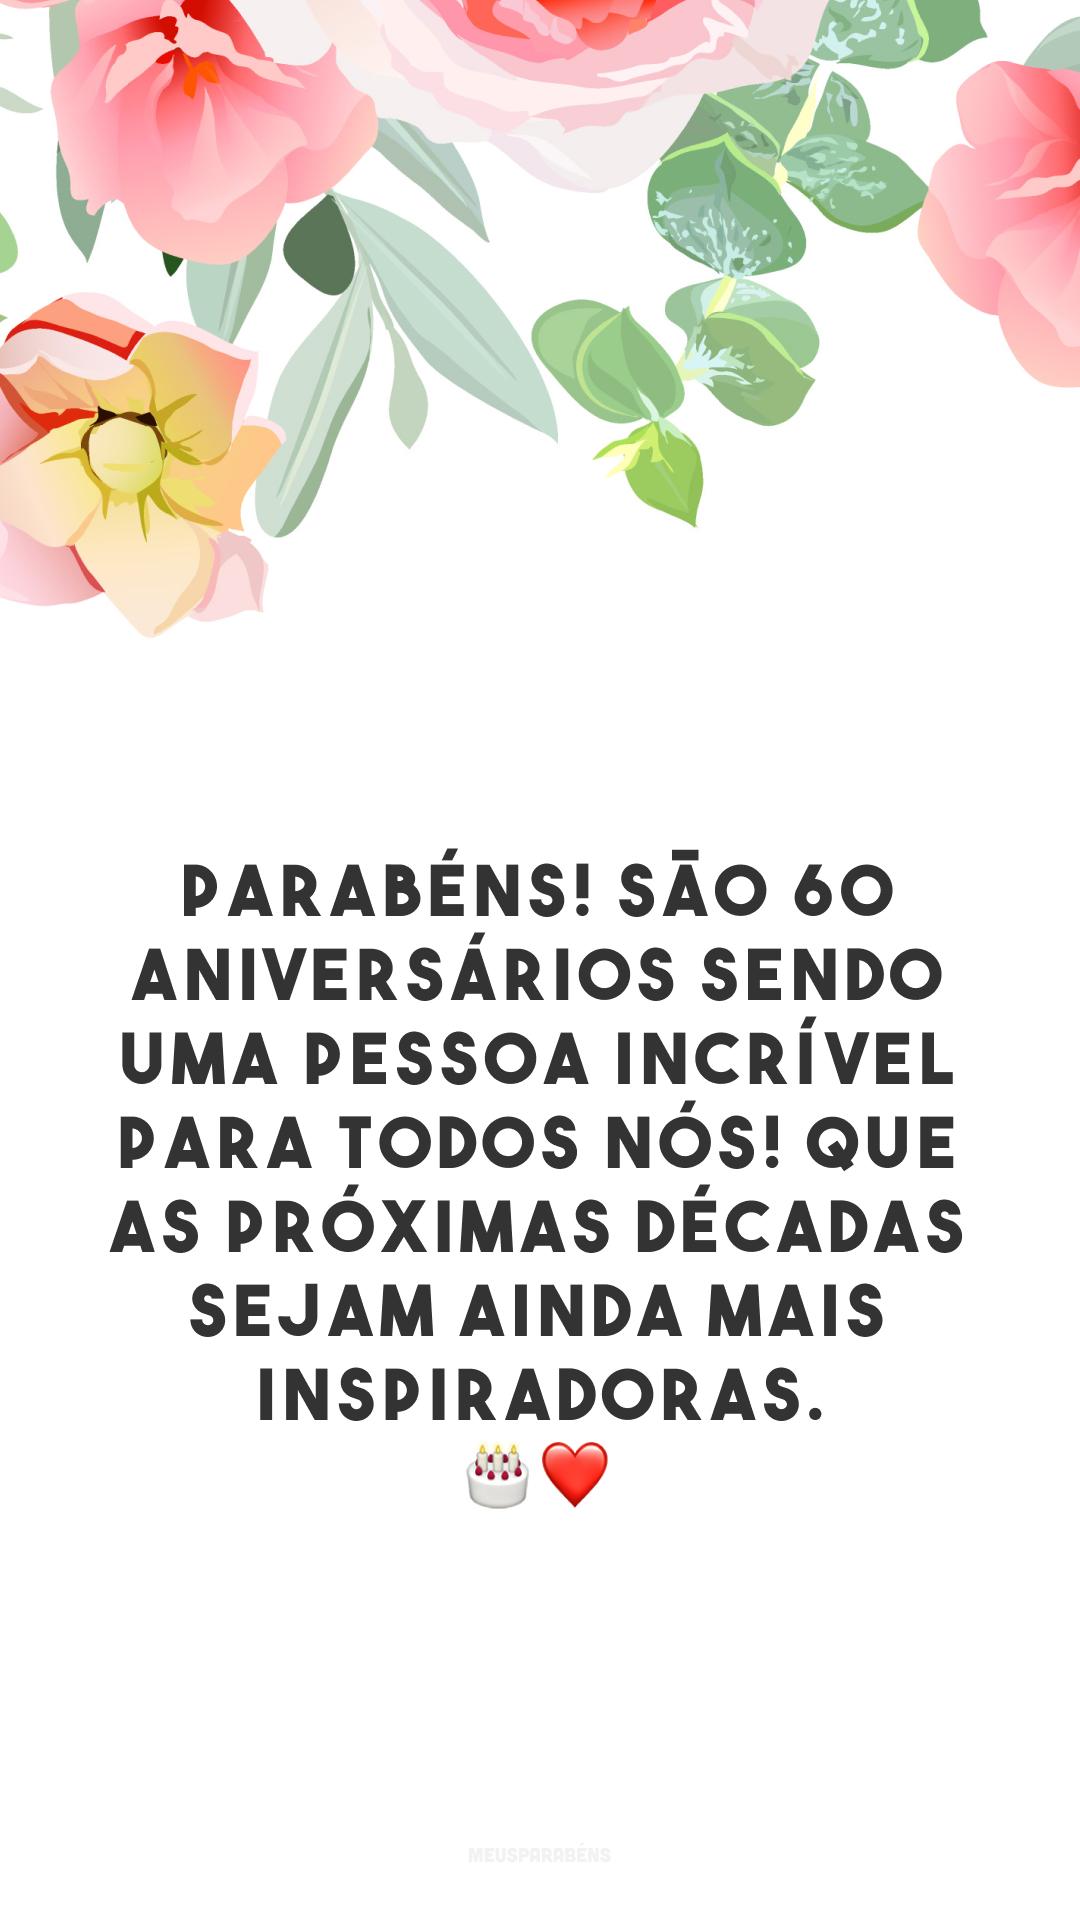 Parabéns! São 60 aniversários sendo uma pessoa incrível para todos nós! Que as próximas décadas sejam ainda mais inspiradoras. 🎂❤️